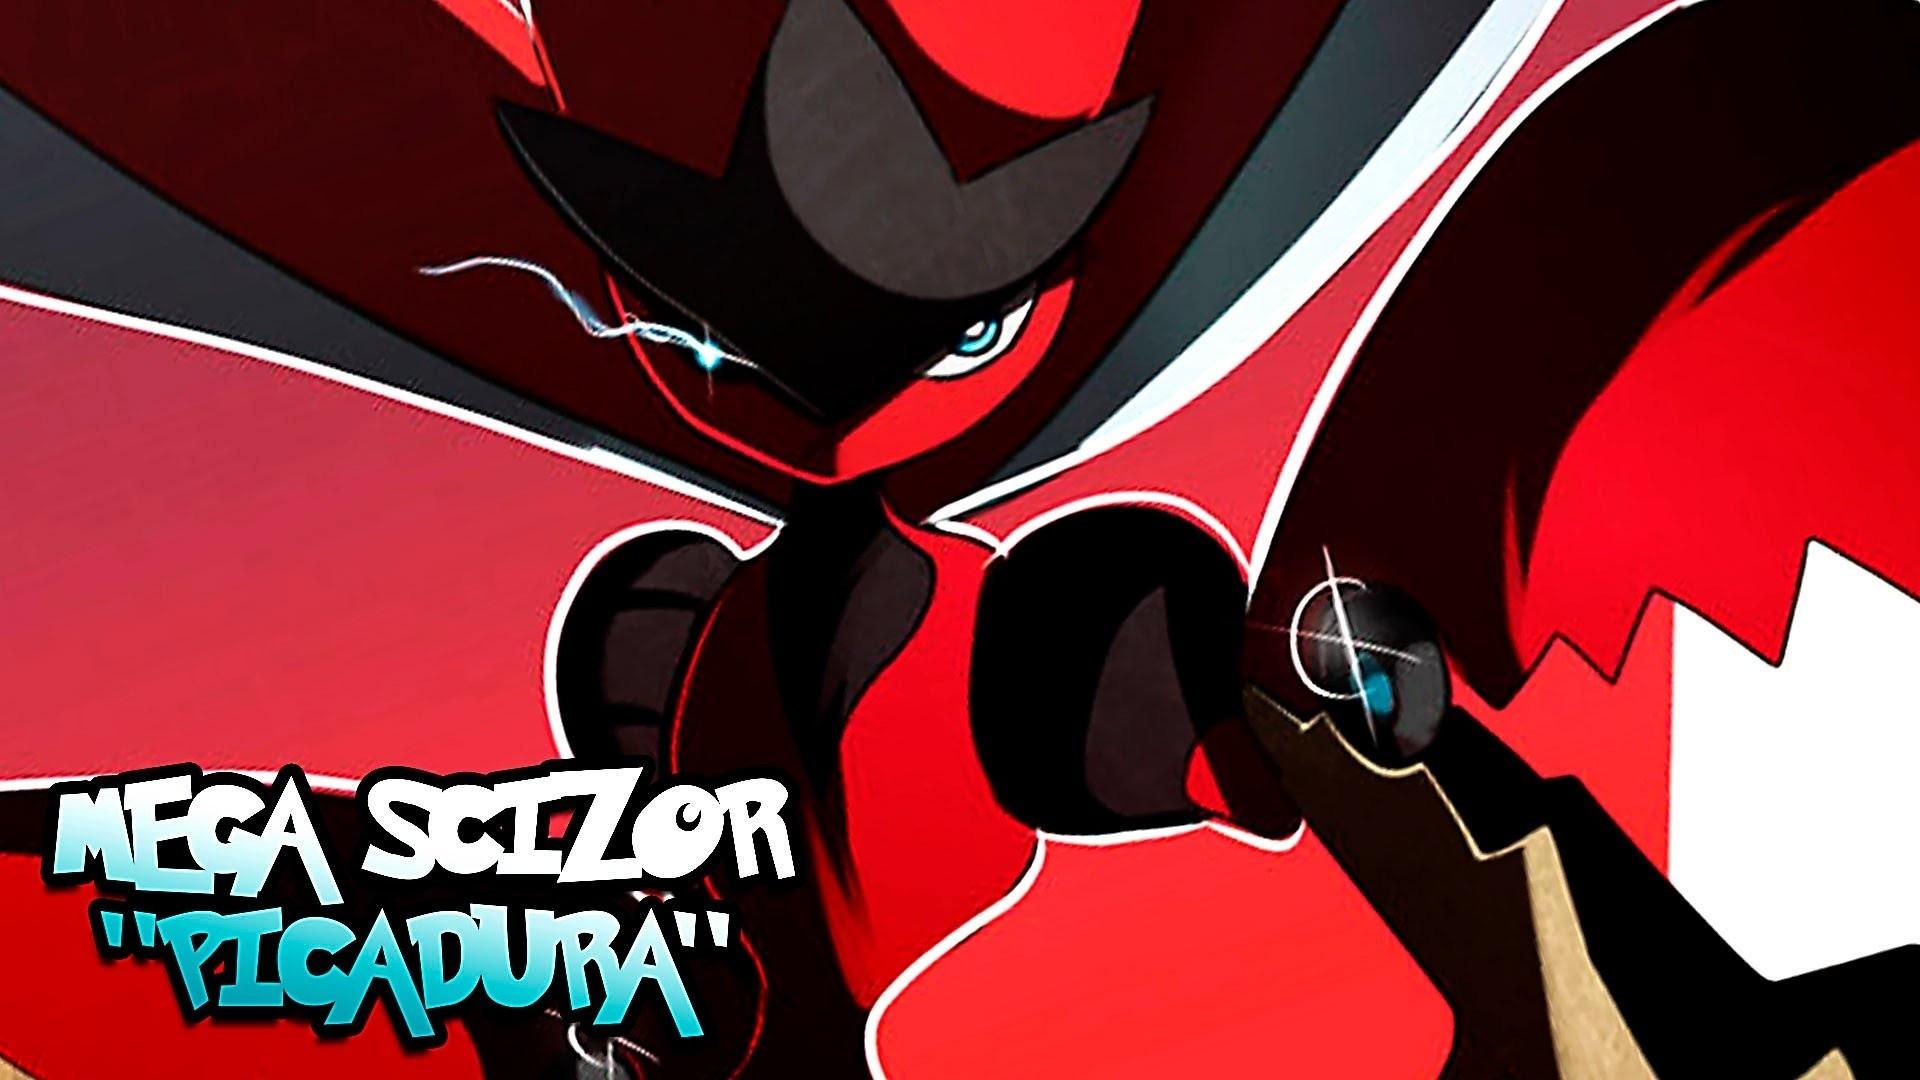 Res: 1920x1080, Mega Scizor, Megascizor, Scizor, Pokemon, Mega Scizor Wallpaper, Pokemon Go,